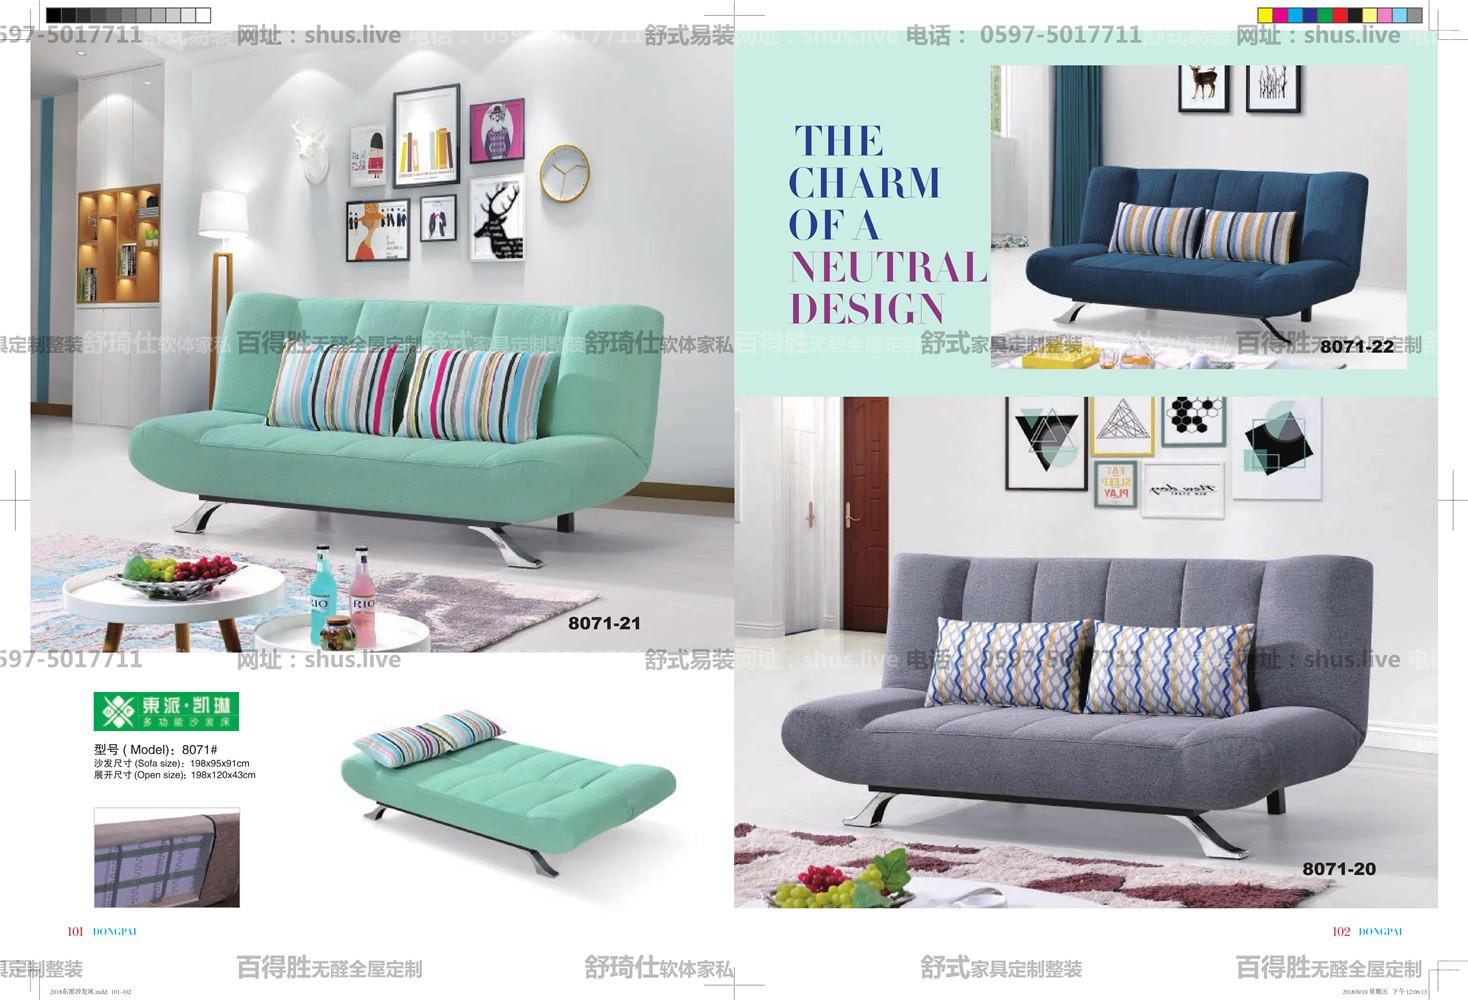 现代时尚-沙发床/功能沙发-三人位/单人位/布艺/书房-东派